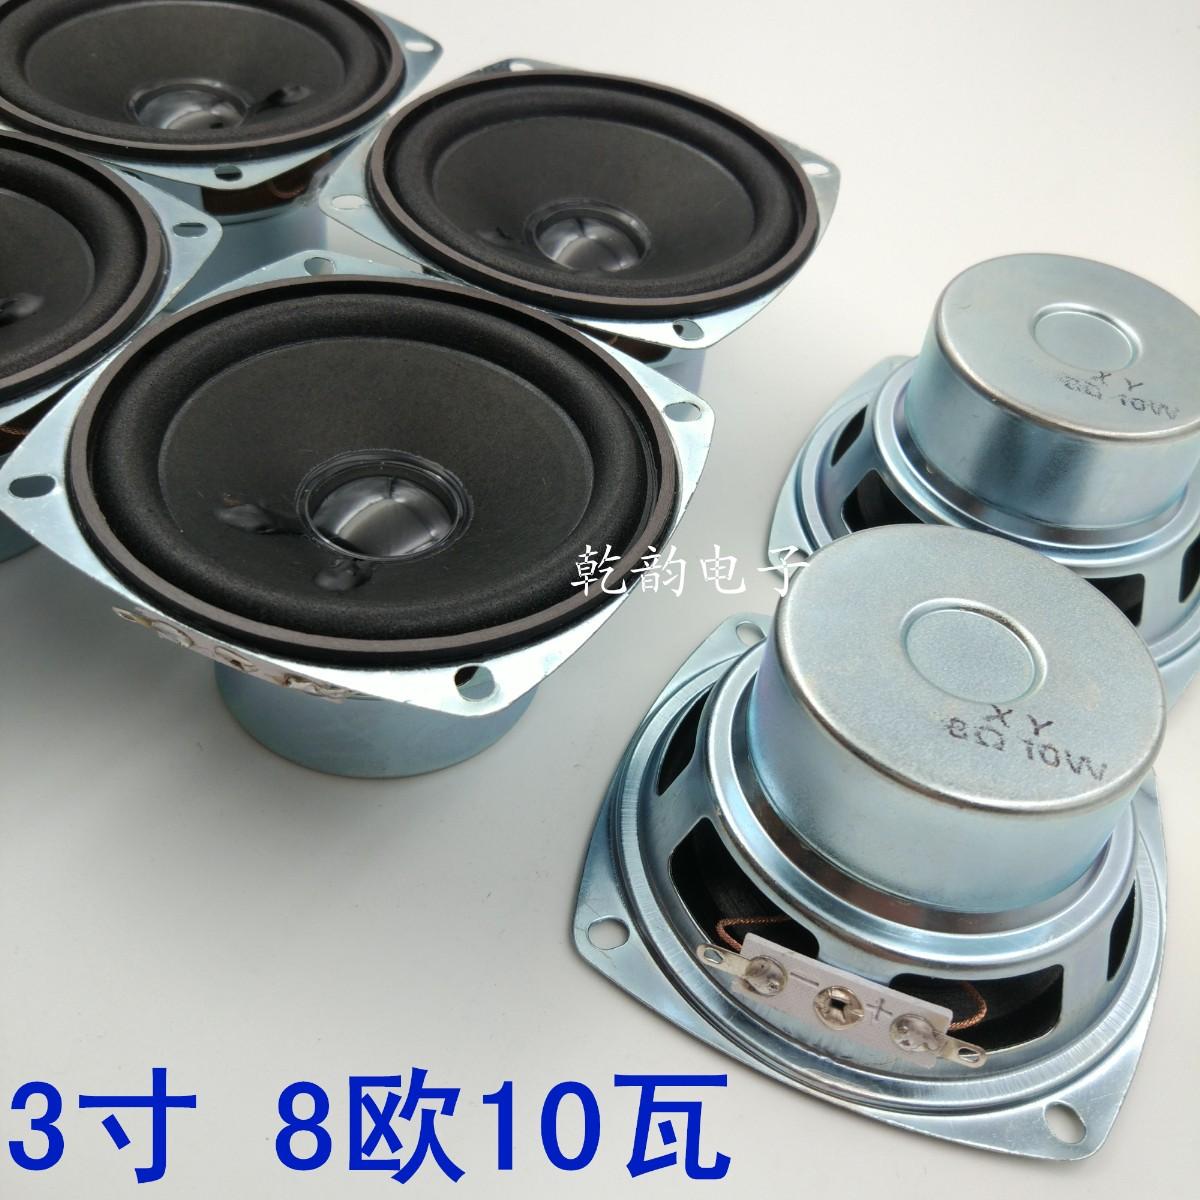 3寸 8歐 10W 78mm全頻防磁 迷你小音響 液晶電視 電腦小音箱喇叭